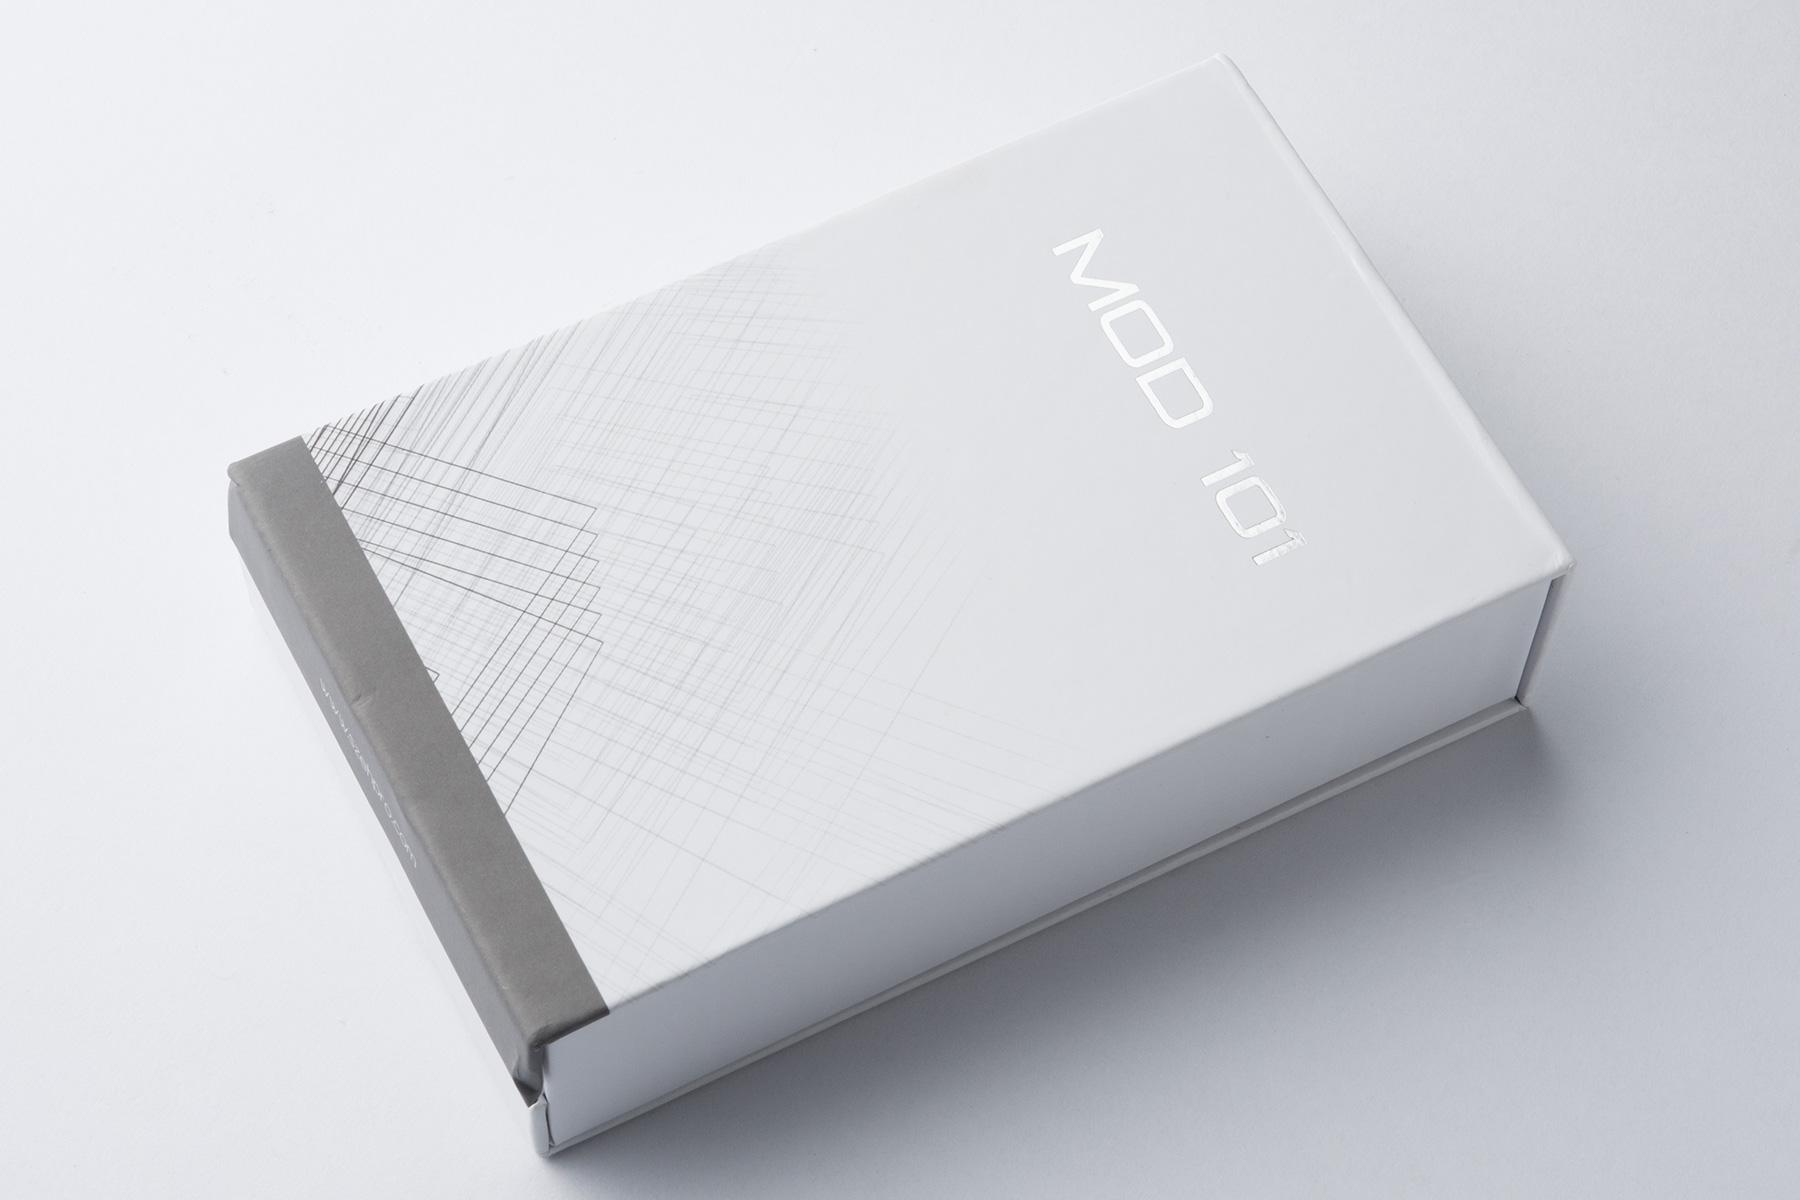 【テクニカルMOD】MOD101 50W Box Mod 「モッド101」 (EHPRO)レビュー